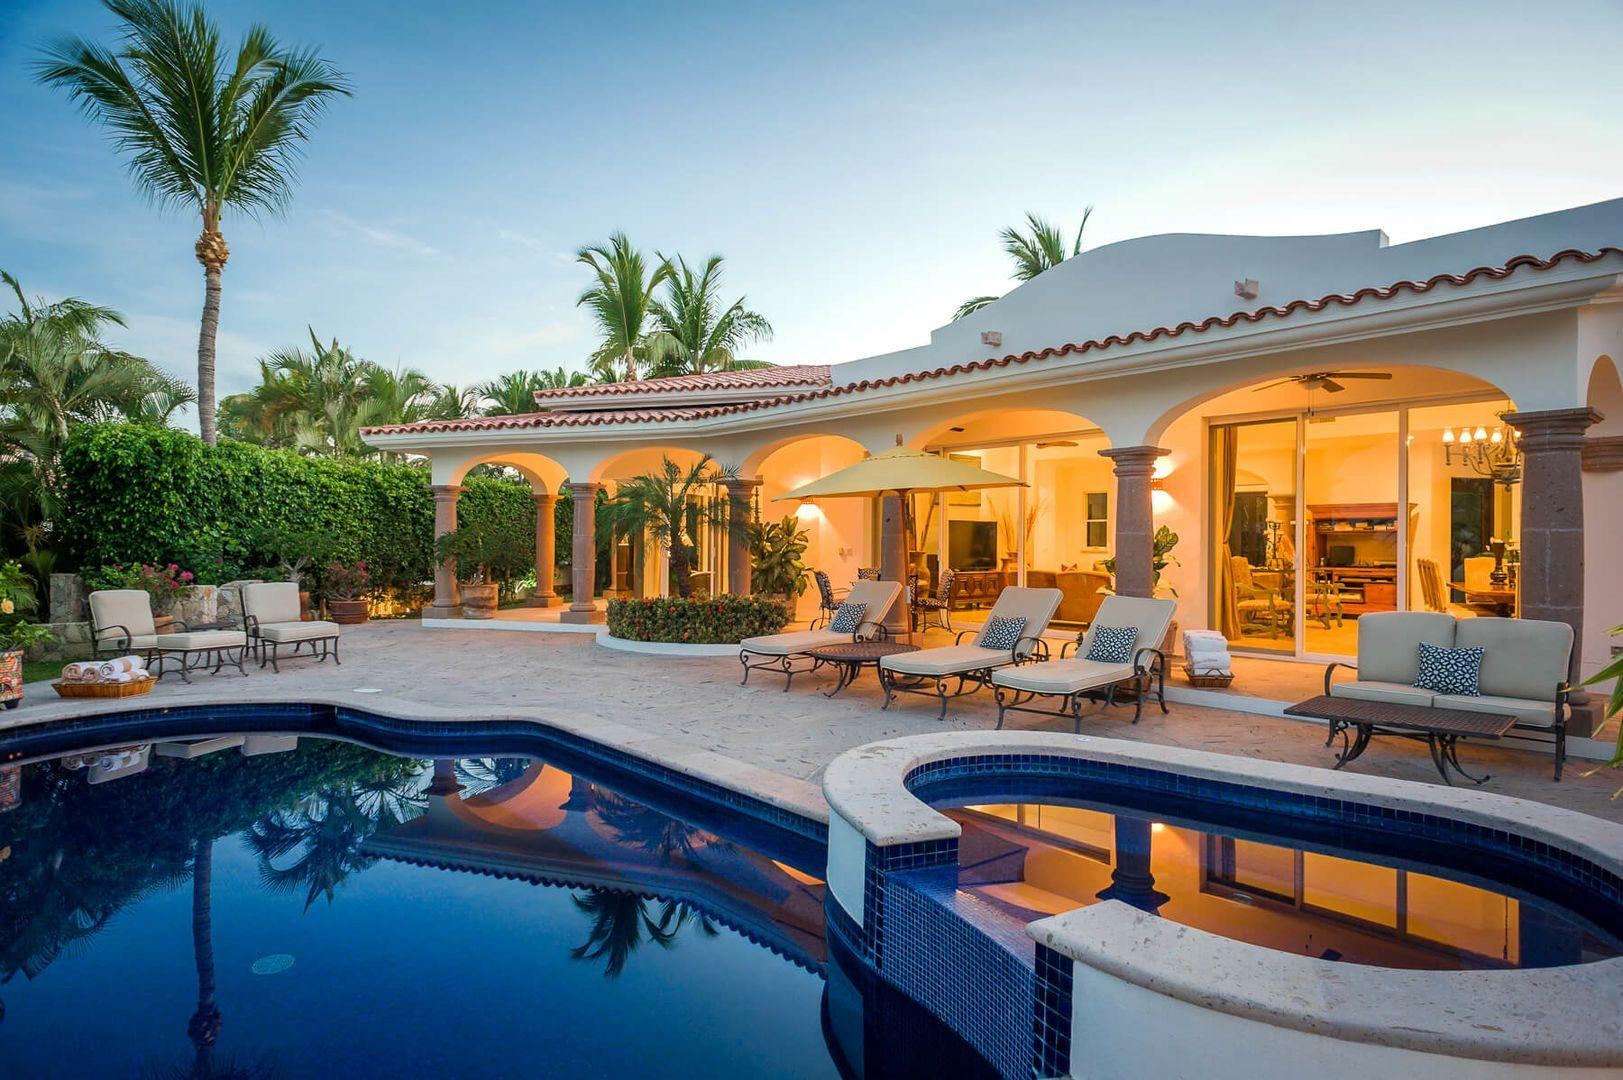 - Villa Las Brisas - Image 1/23